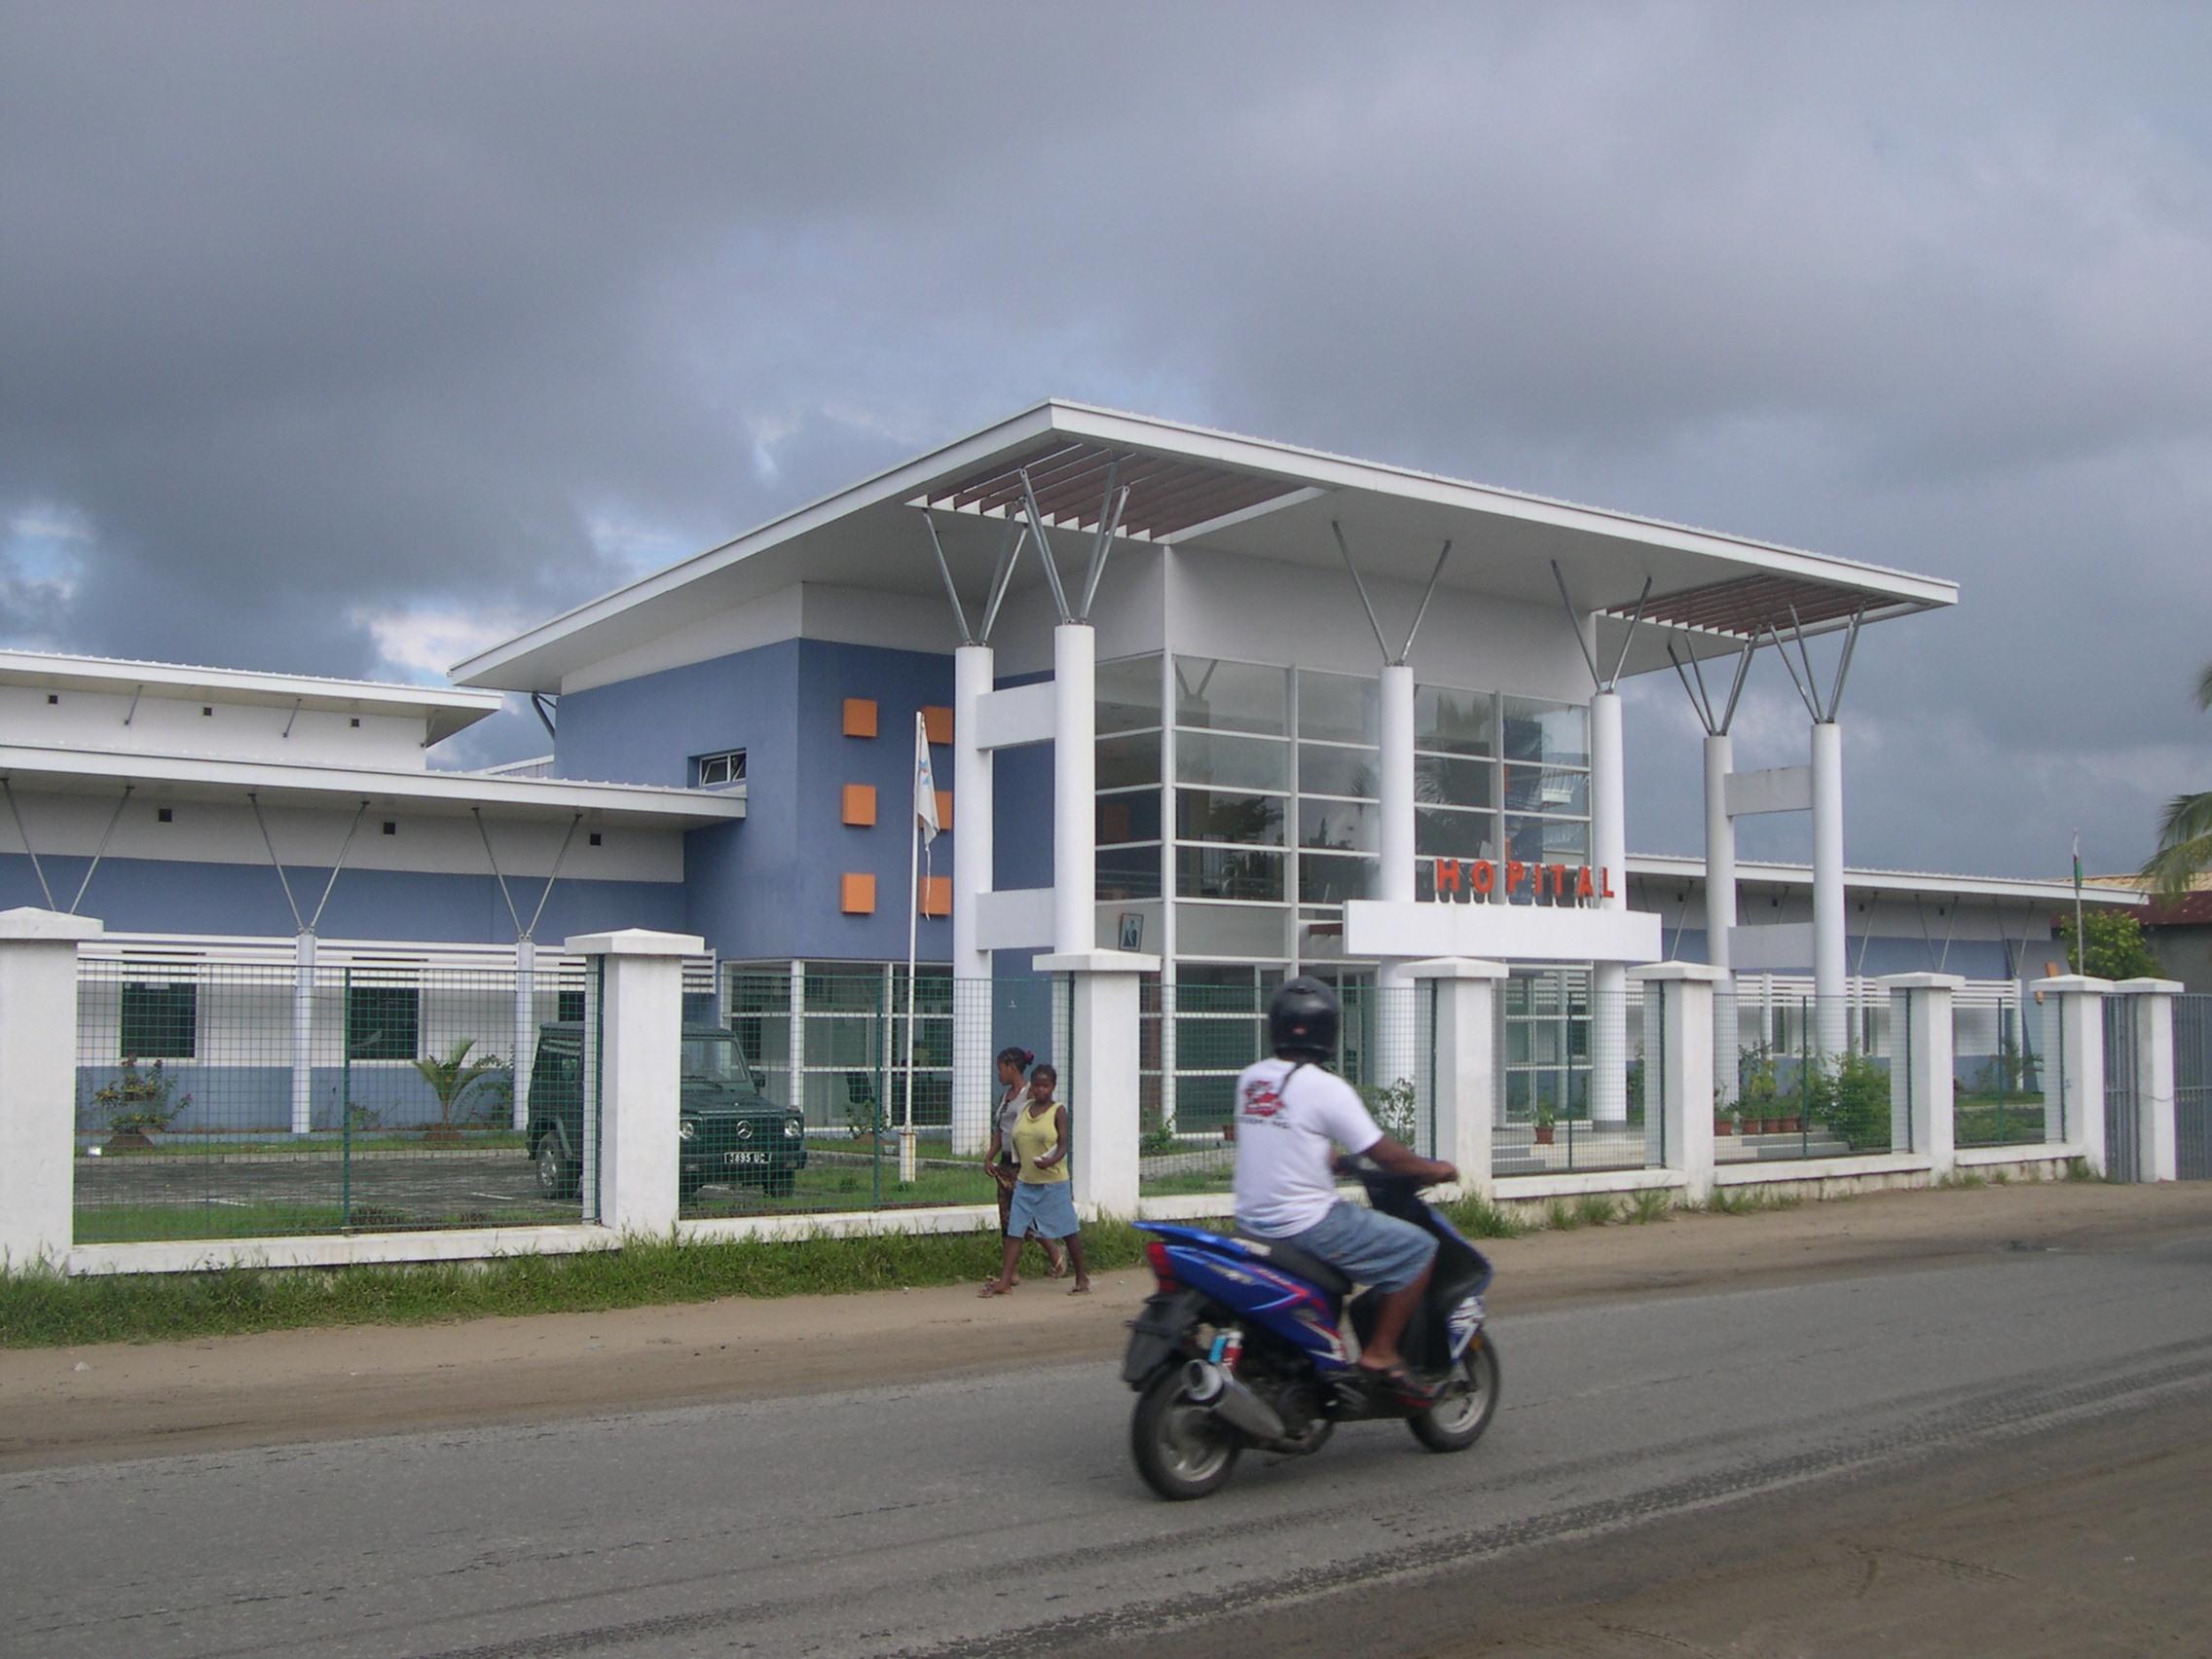 Chroniques malgaches 1 : élections réussies ou légitimité par défaut?